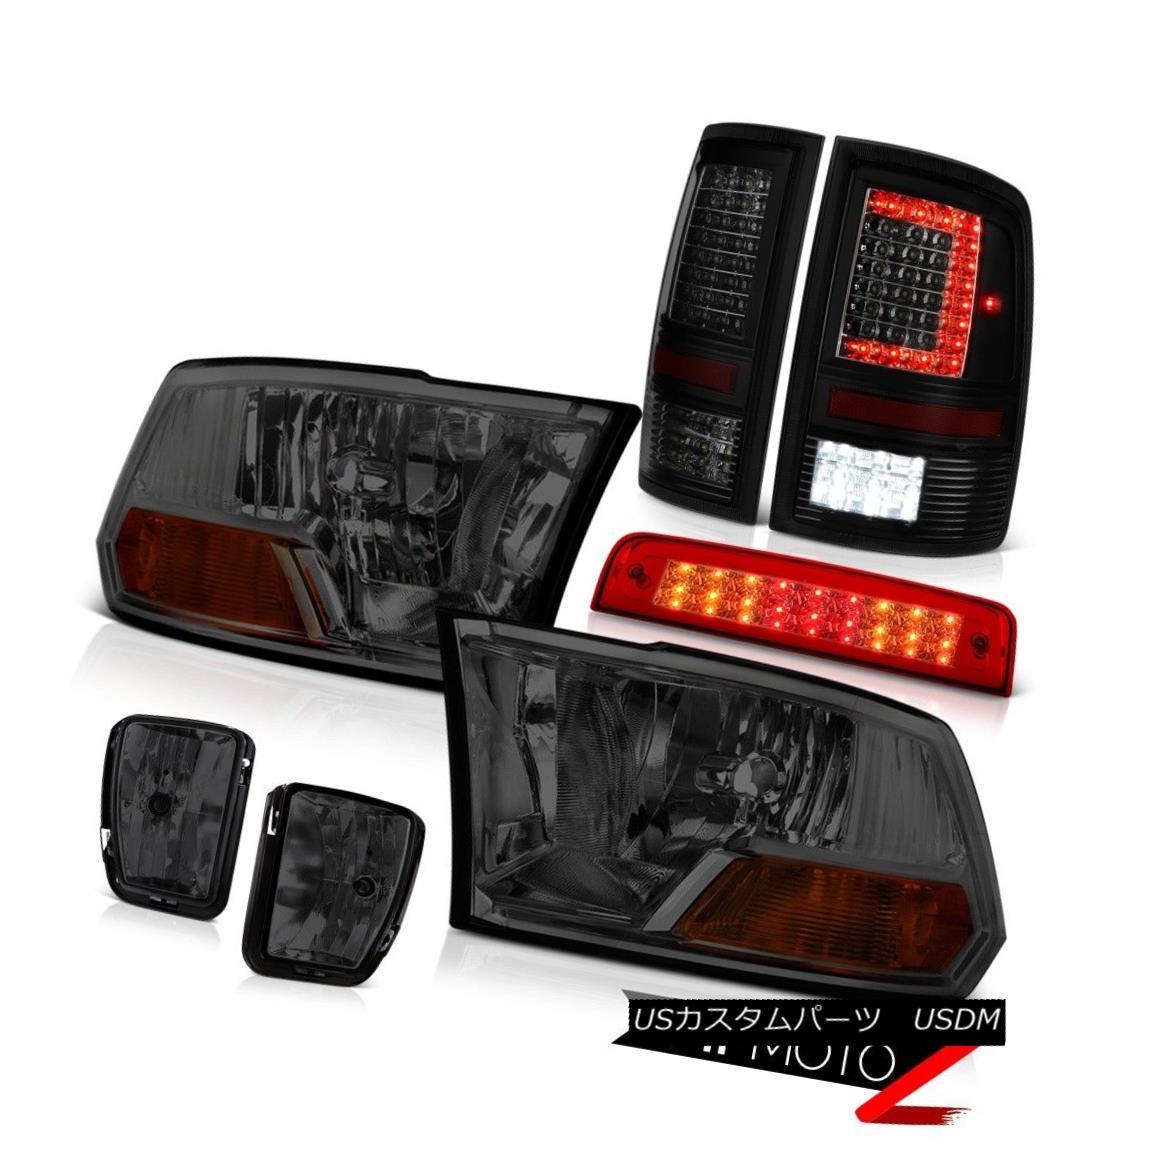 テールライト 13 14 15 16 17 18 RAM 1500 Tail lamp 3rd Brake Light Fog Factory Style HeadLight 13 14 15 16 17 18 RAM 1500テールランプ第3ブレーキライトフォグ工場風ヘッドライト